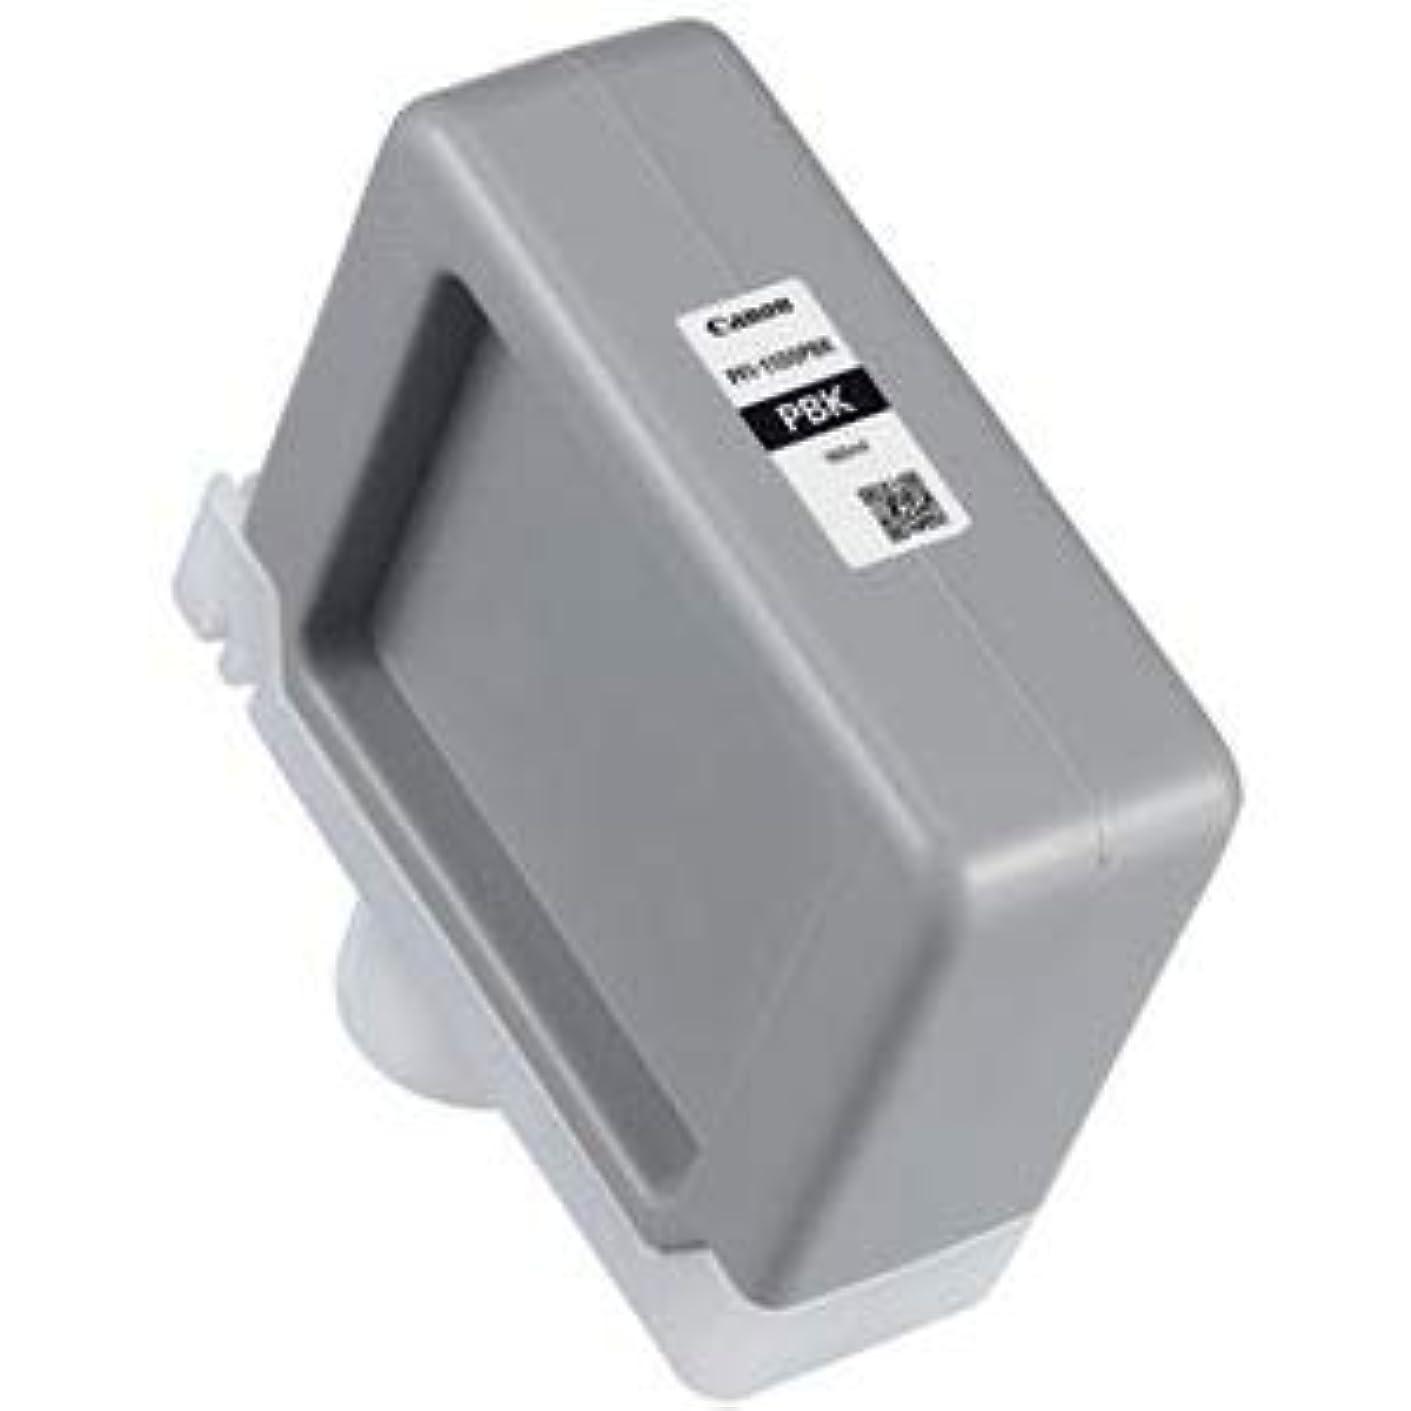 数学的な愛バルクキヤノン インクタンクPFI-1100PBK フォトブラック 160ml 0850C001 1個